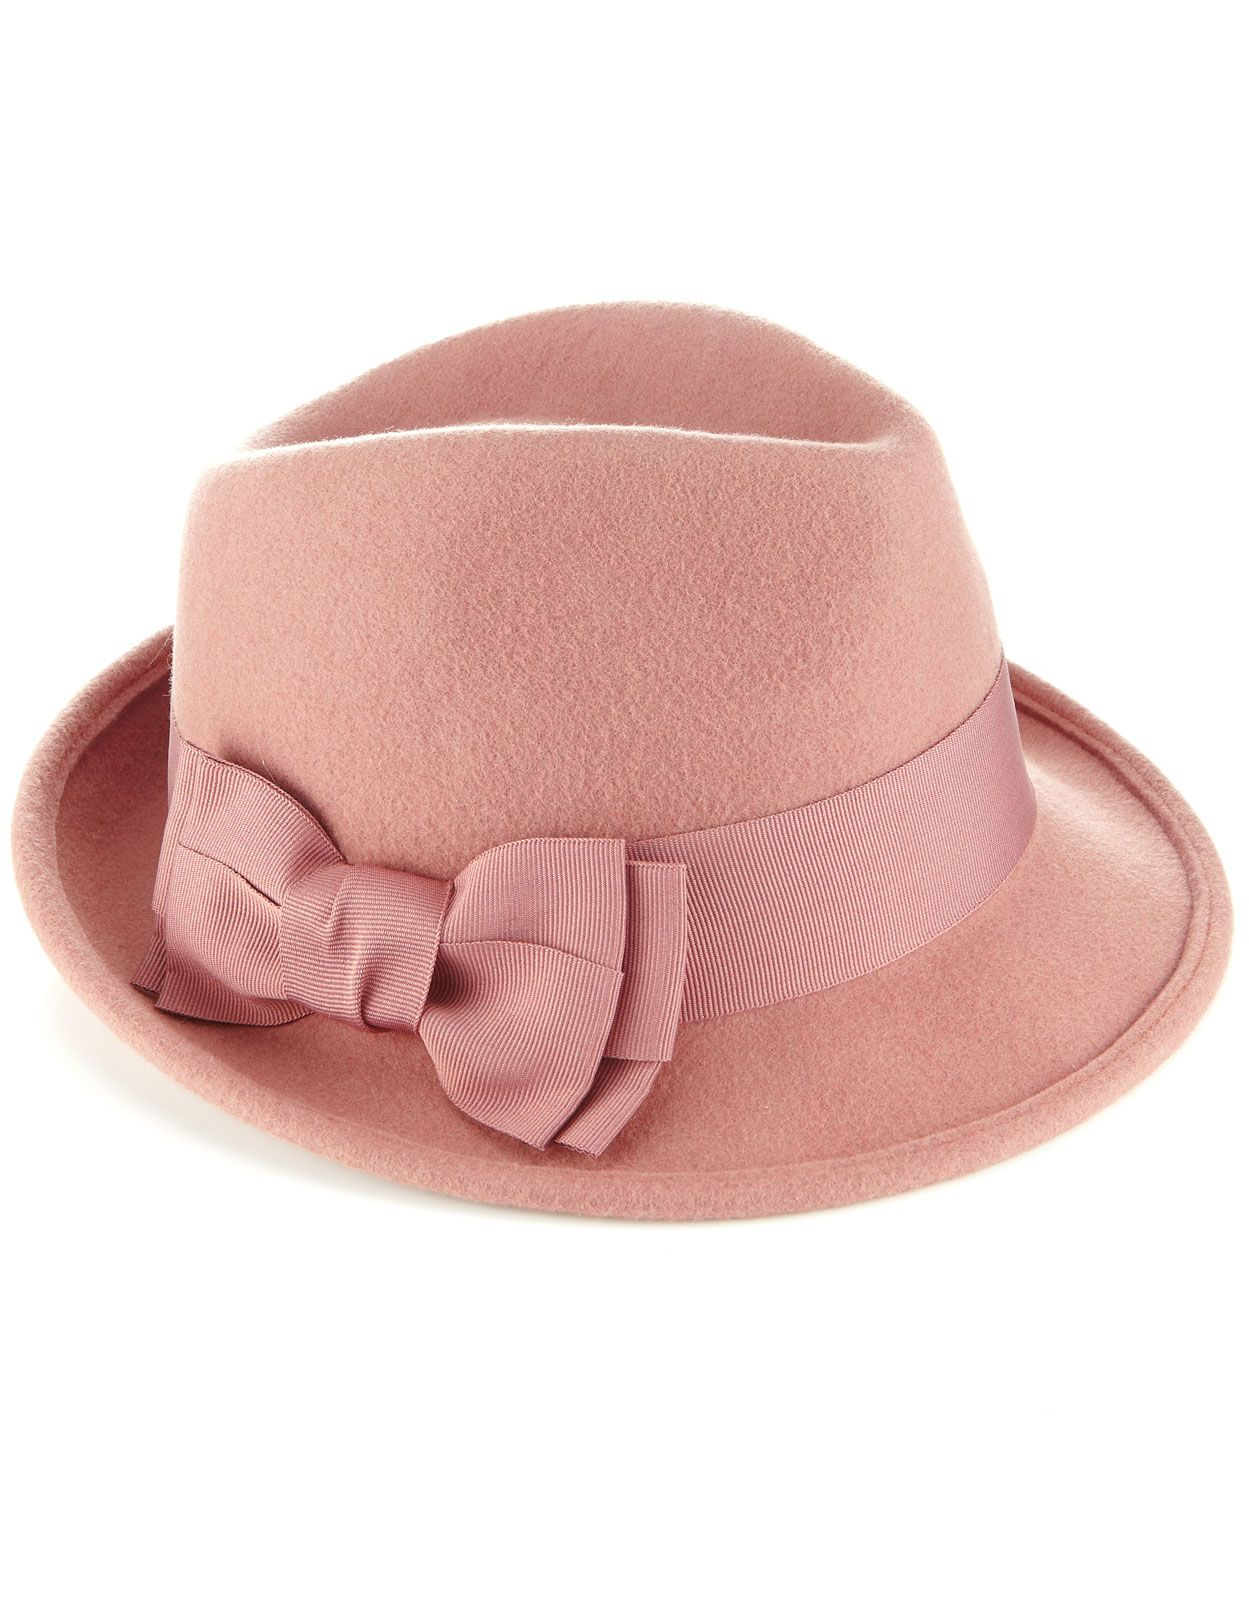 Grosgrain Bow Trilby | Pink | Accessorize | Oon kolmesti meinannut ostaa tän hatun, mutta se taitaa olla hintsun liian pieni mun päähän :C Mutta tällainen vastaava hattu ois hirveän ihana